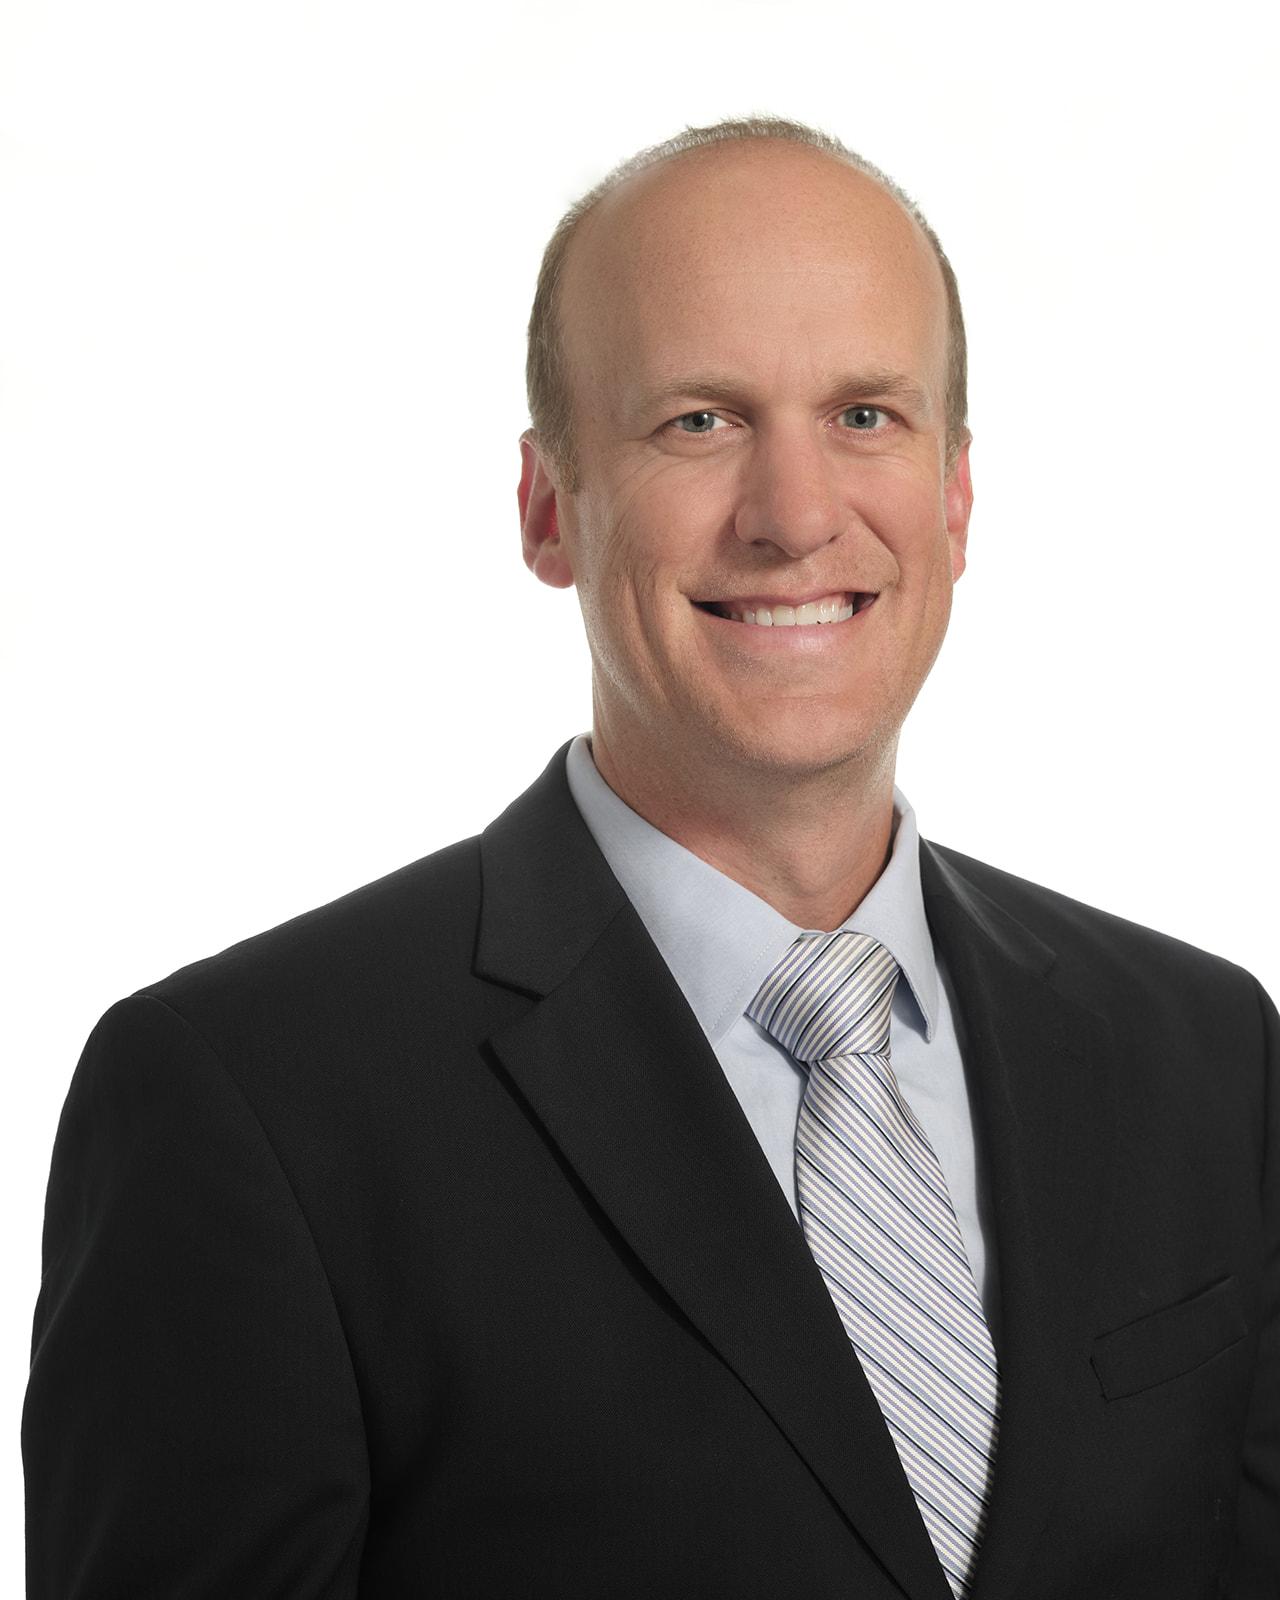 Tim Schluge, CPA